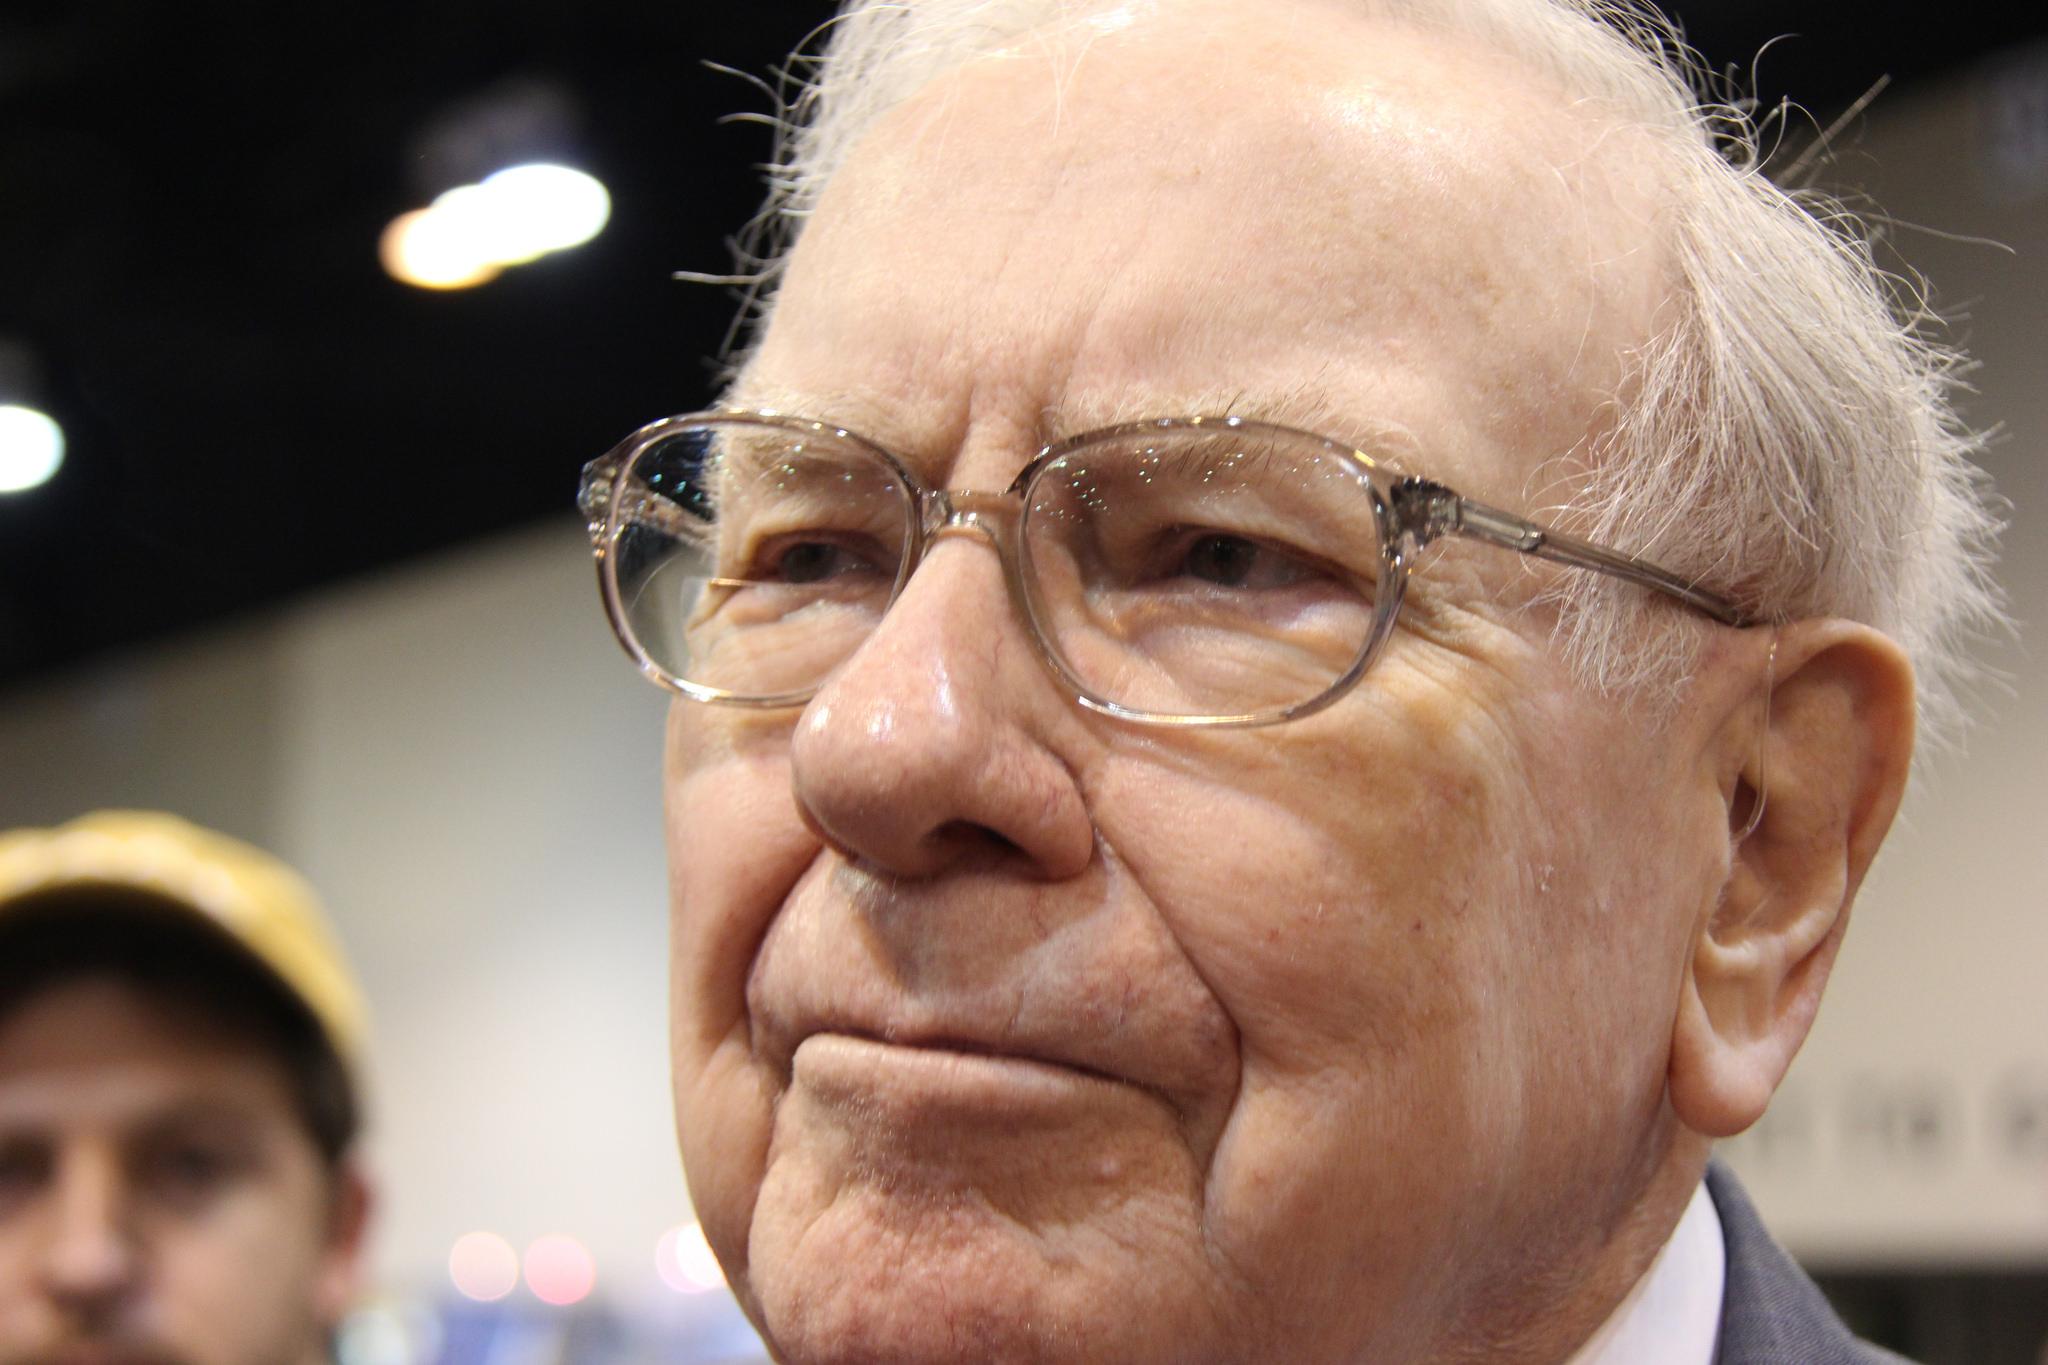 Warren Buffet close-up face shot